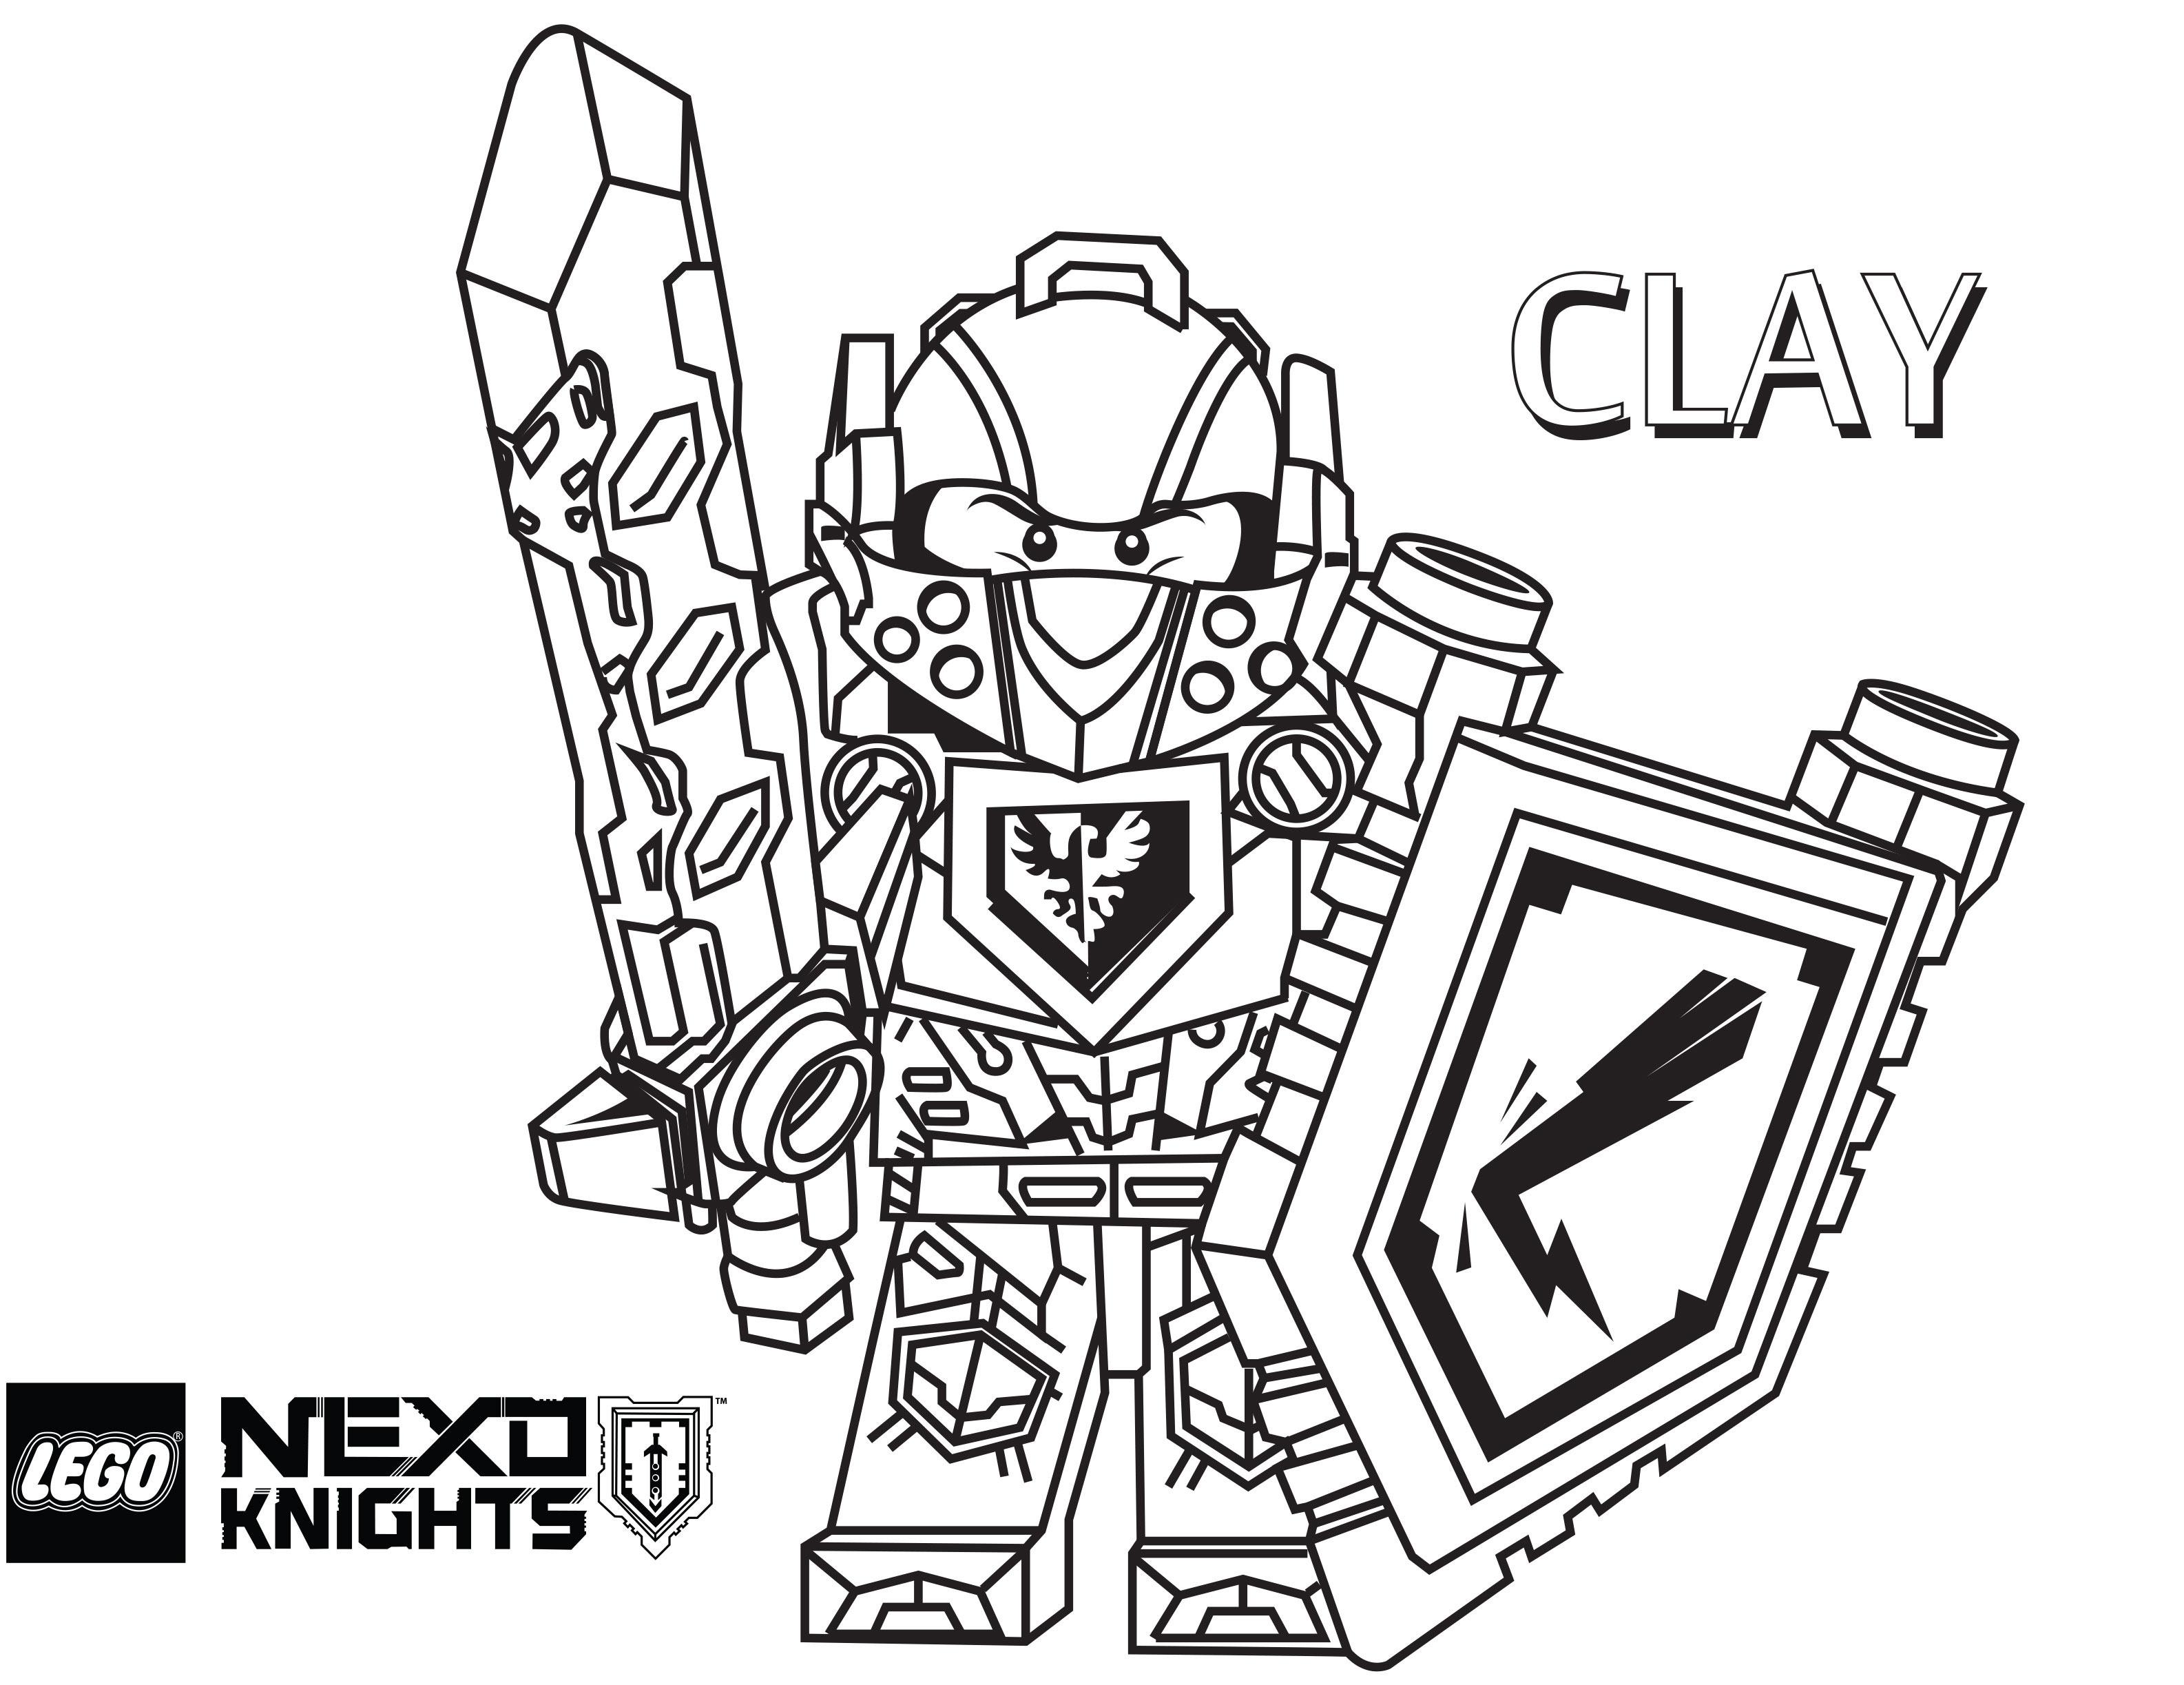 Nexo Knights Schilder Liste Frisch Lego Nexo Knights Power Axl Foul Steam Spyrius Best Nexo Knights Das Bild